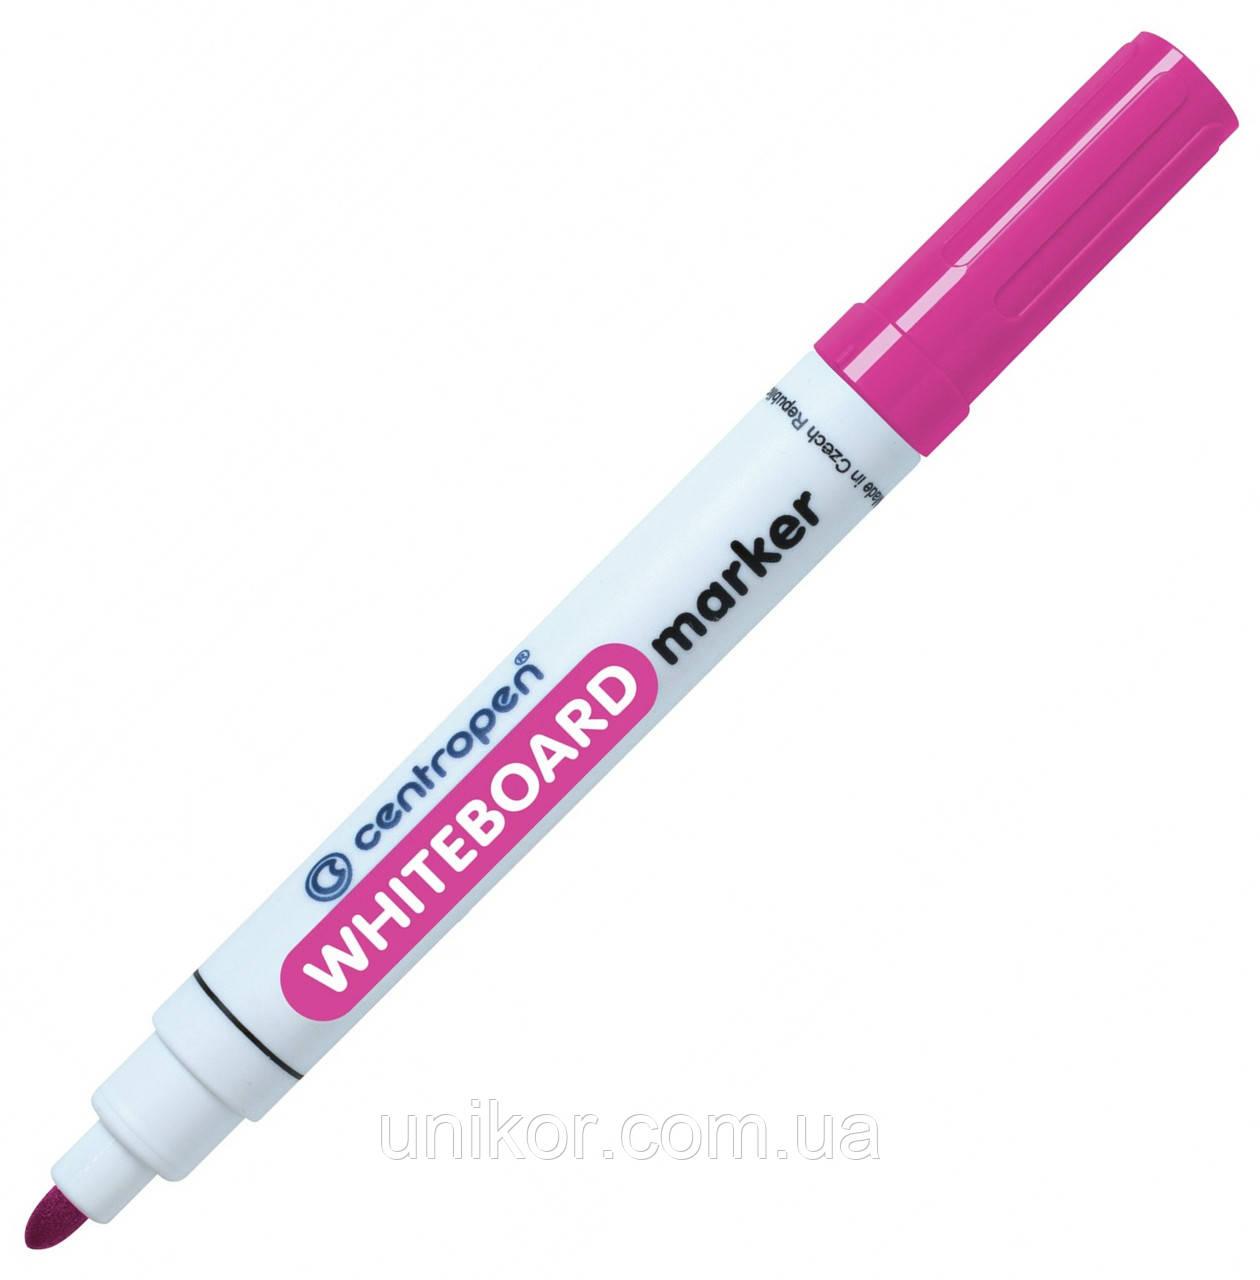 Маркер для сухостираемых досок, 2.5 мм., розовый. CENTROPEN